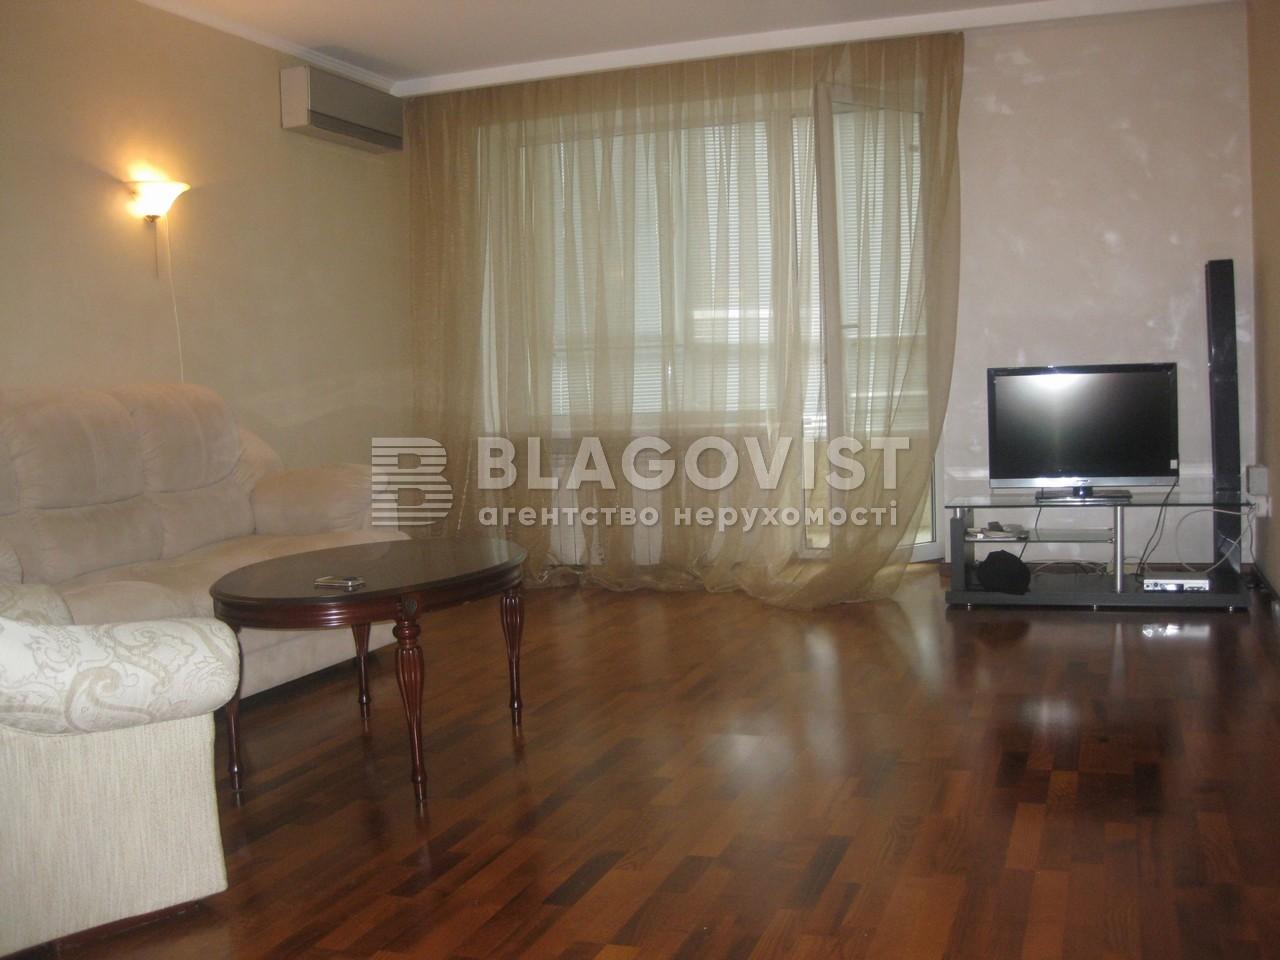 Квартира D-10075, Панаса Мирного, 28а, Киев - Фото 6